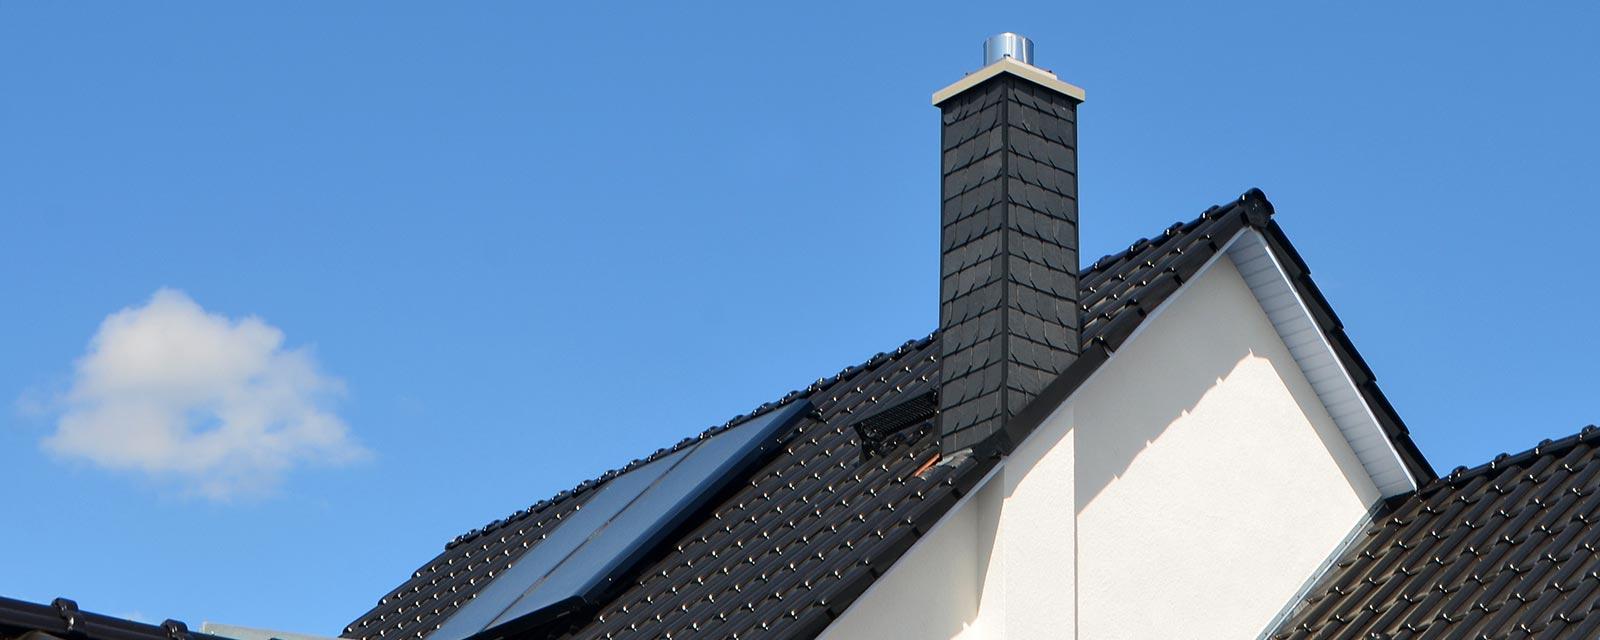 Choisir son revêtement de toiture, comment procéder ? | Guide Artisan